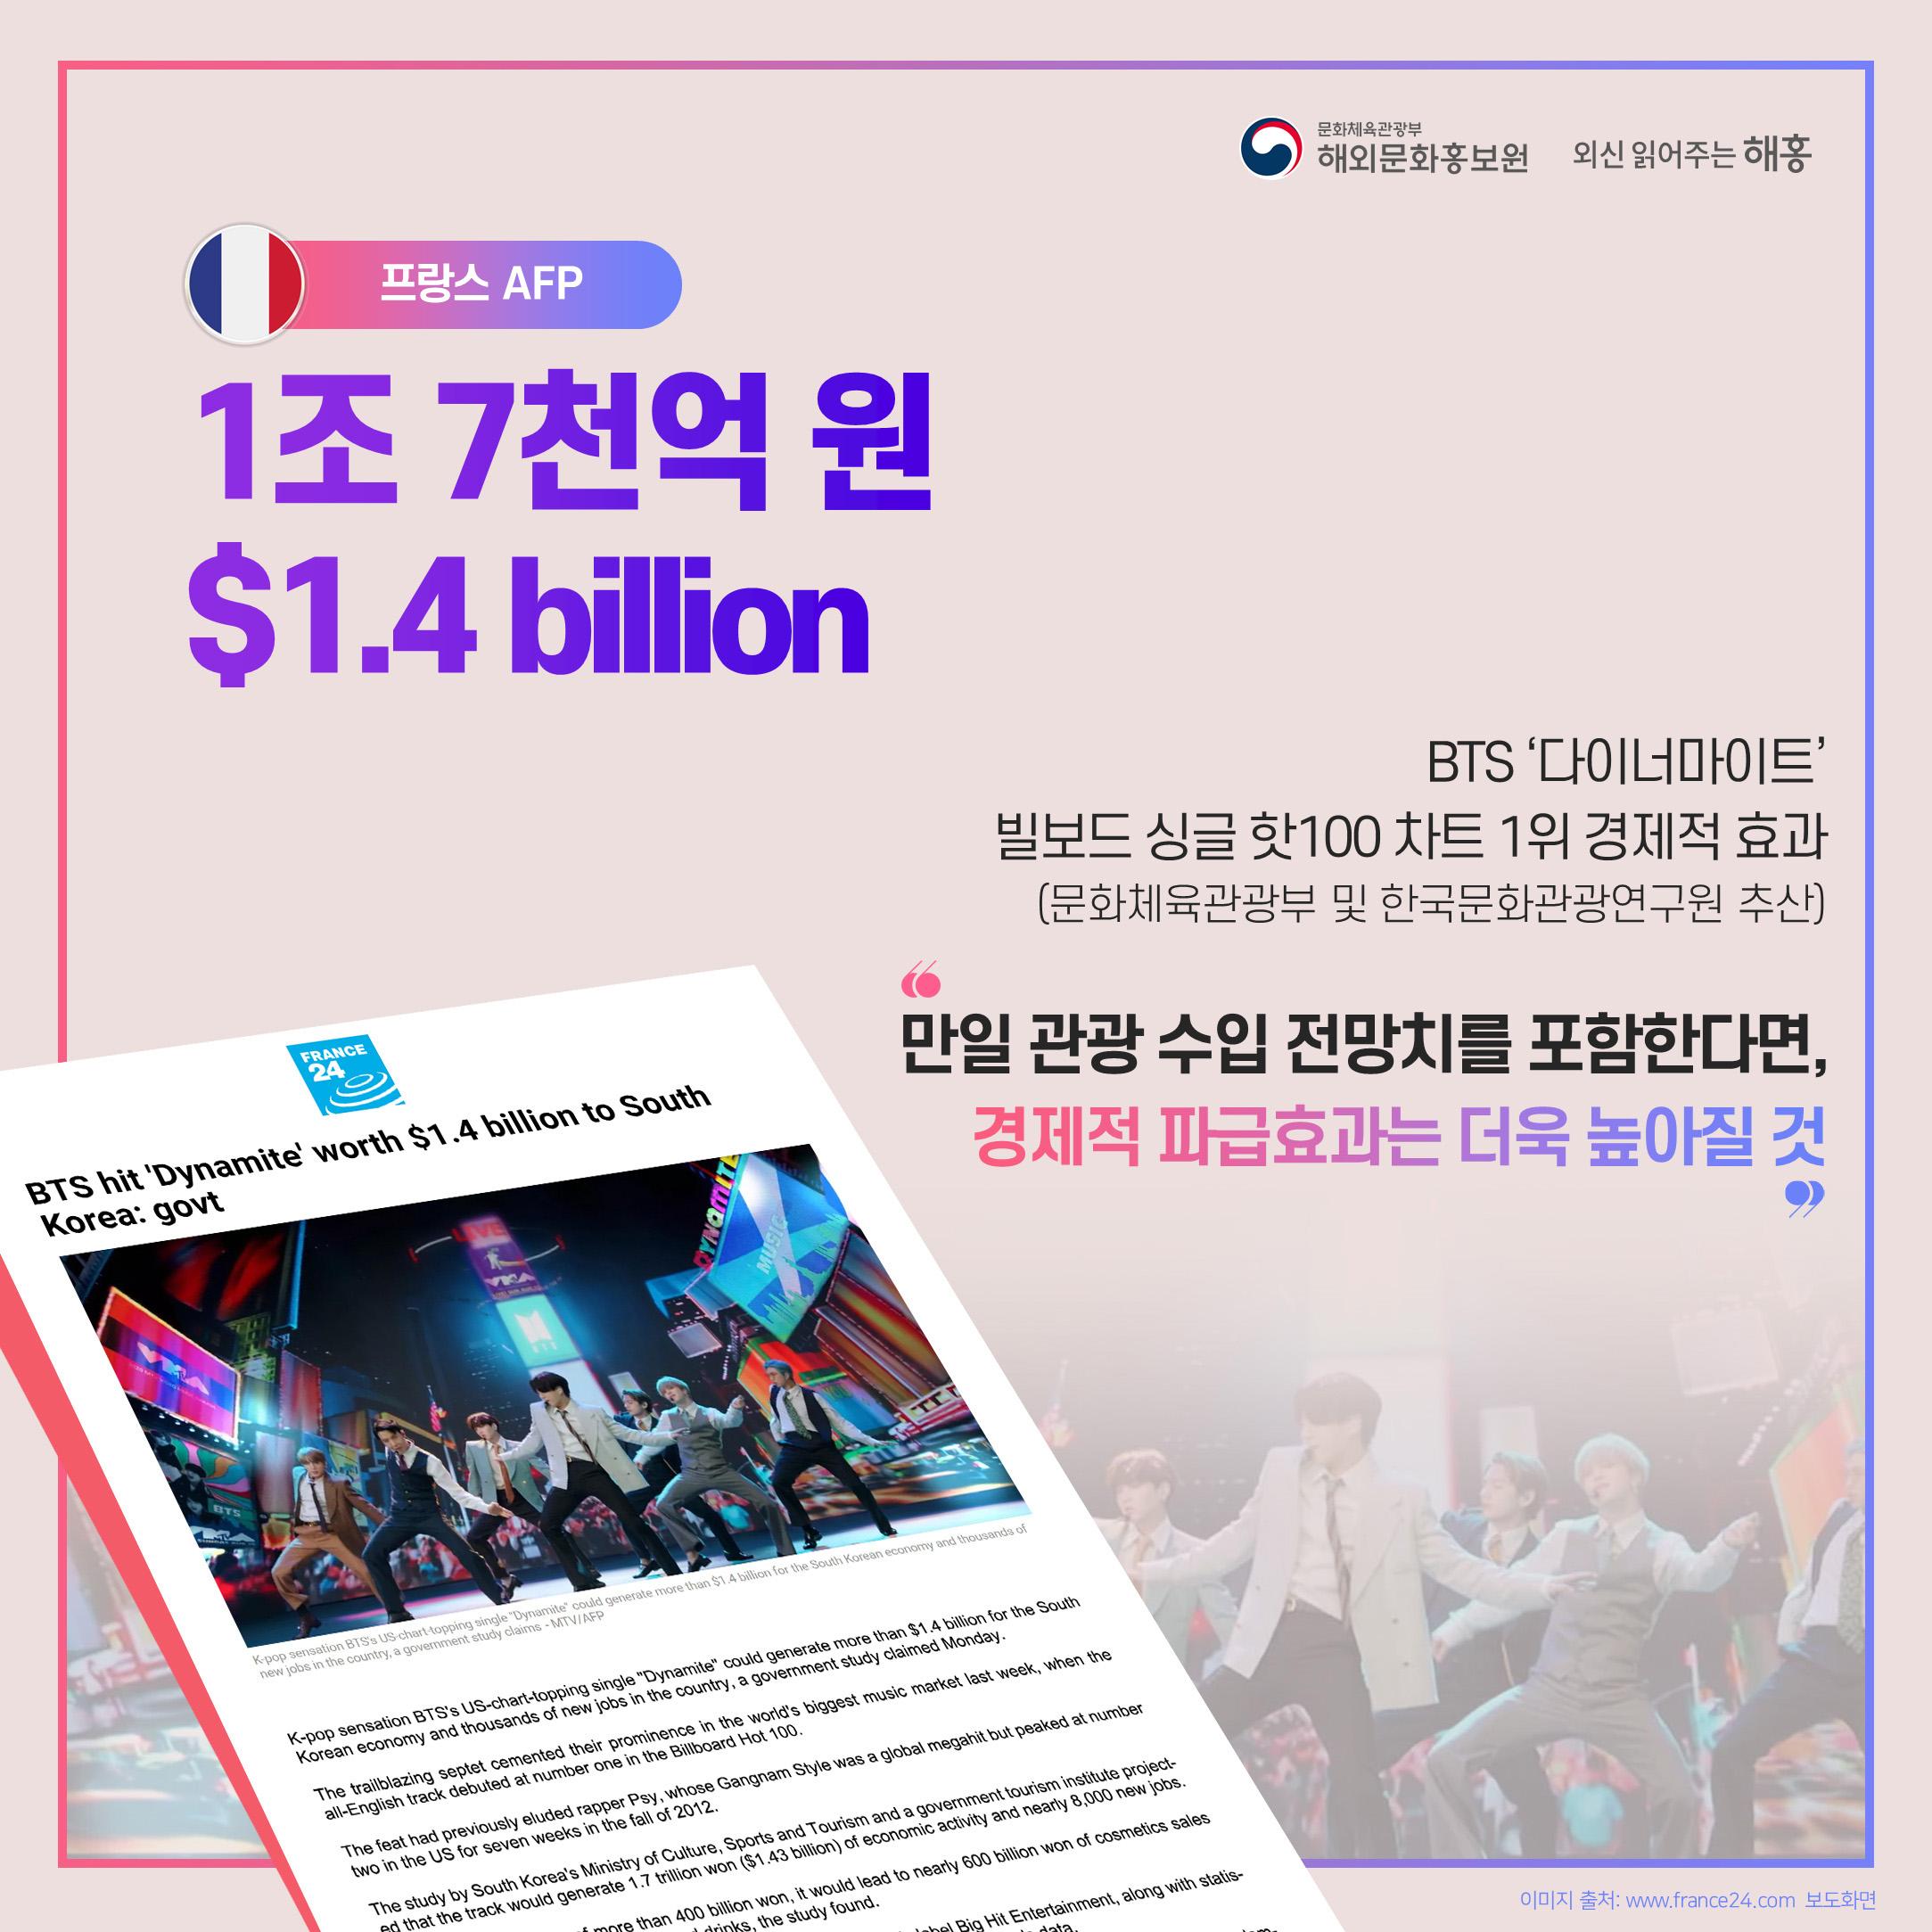 (해외문화홍보원) 외신 카드뉴스 73회_2